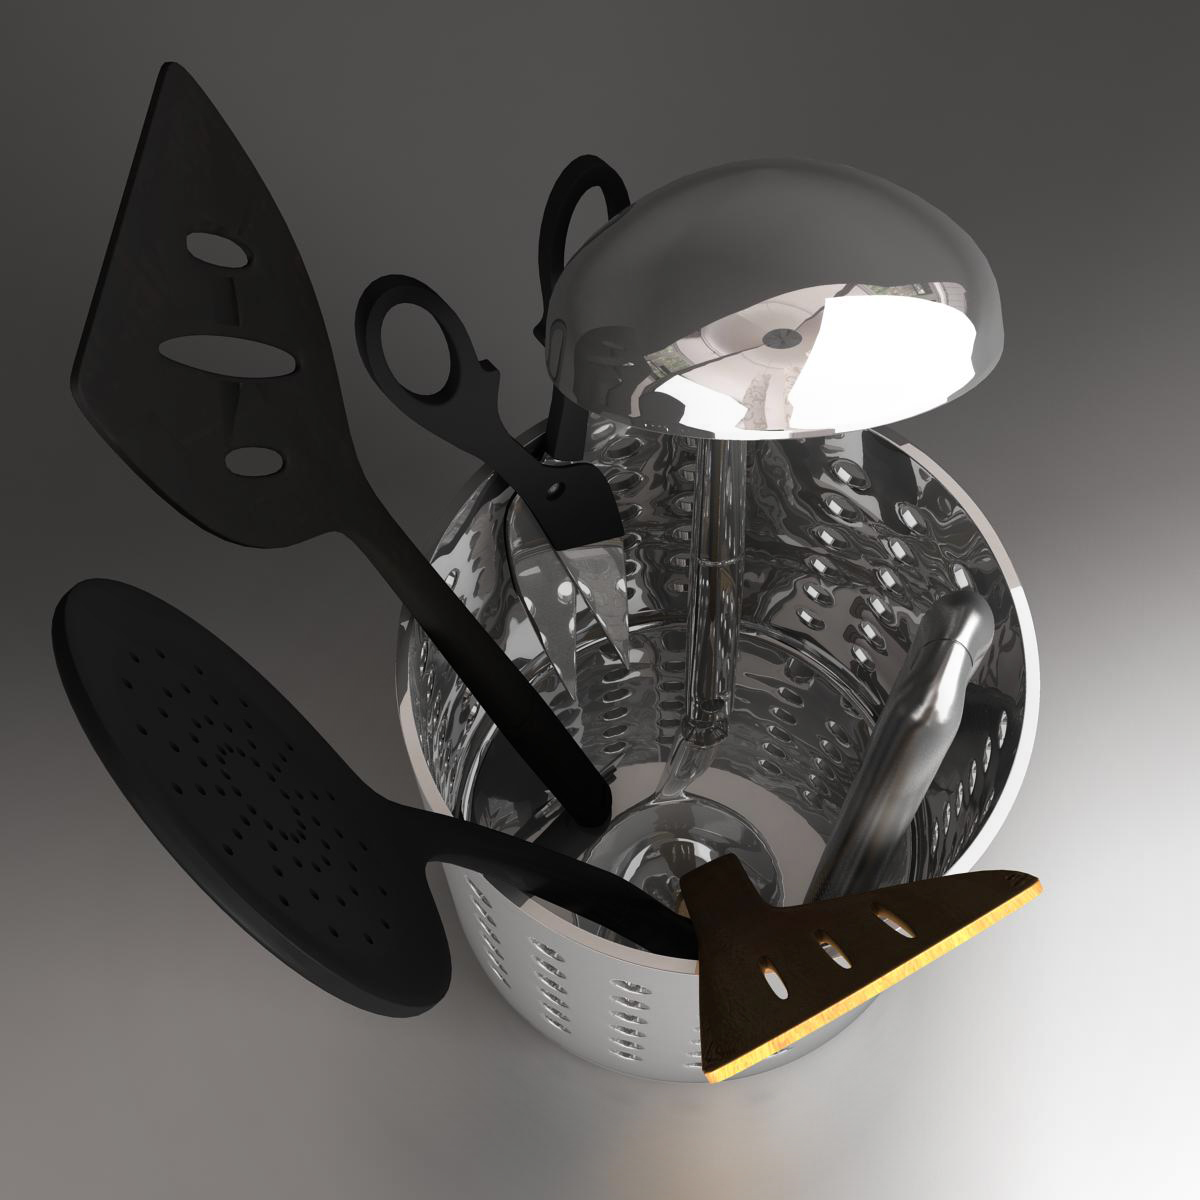 kitche utensils kit 3d model max fbx c4d ma mb obj 159290